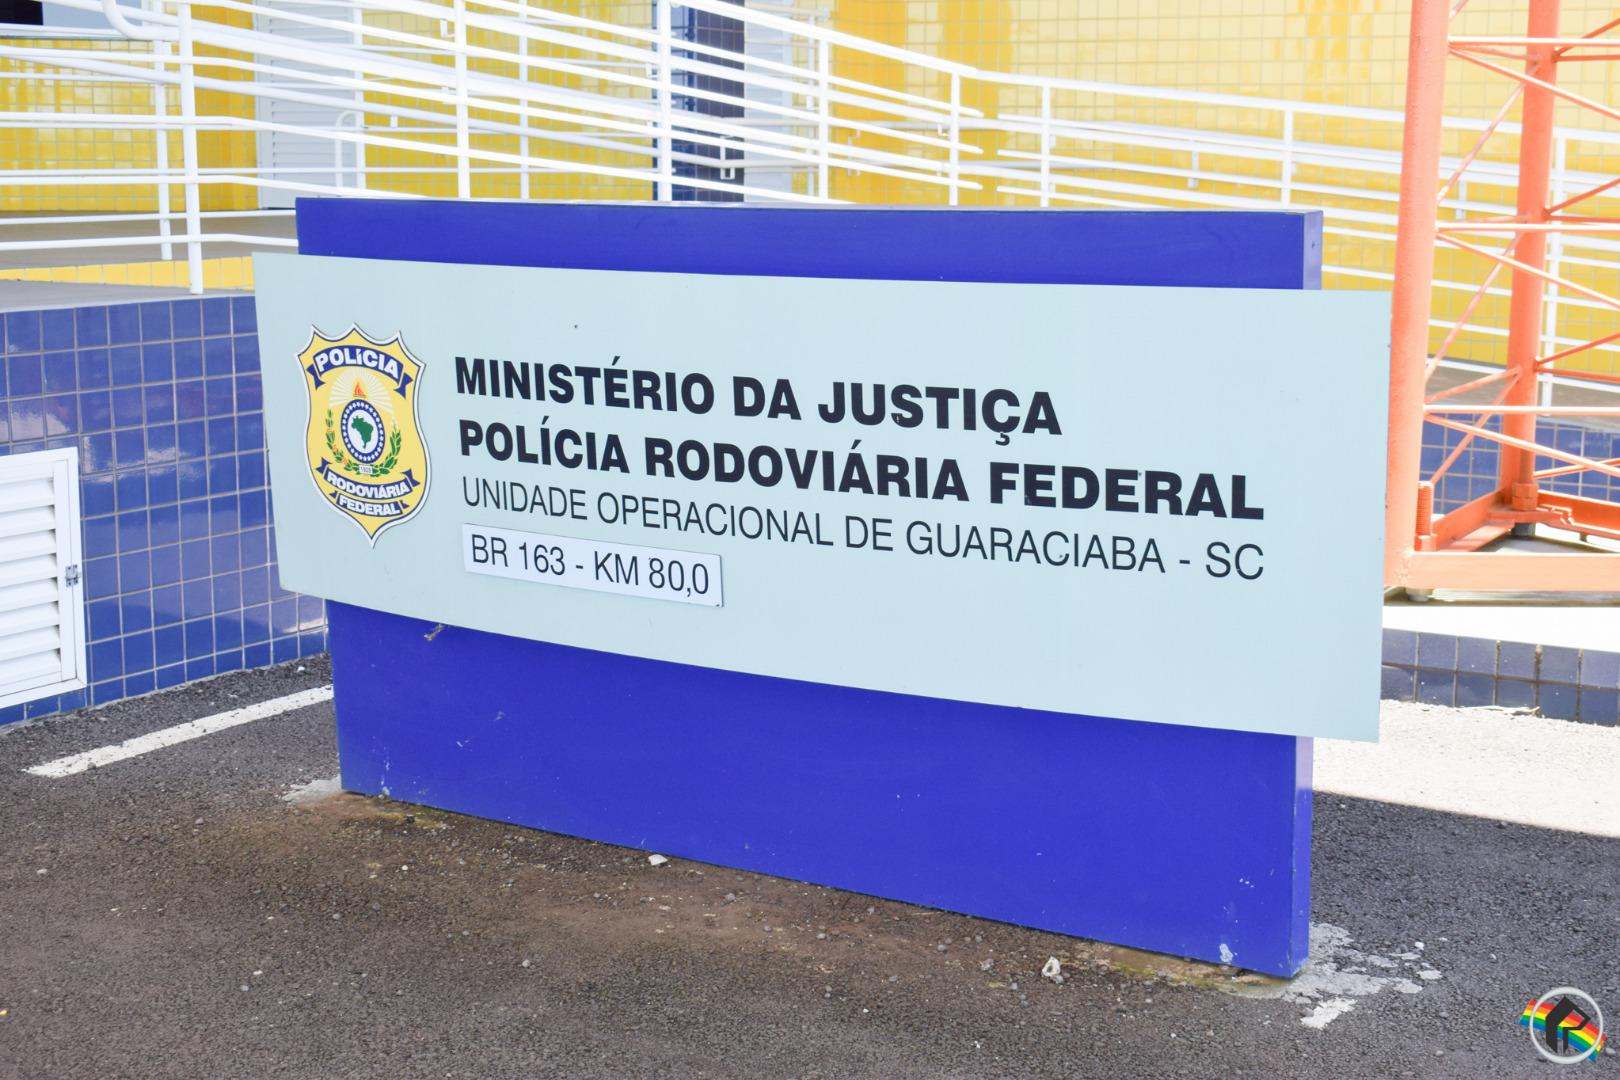 VÍDEO: Posto da PRF em Guaraciaba completa quatro anos de atividades